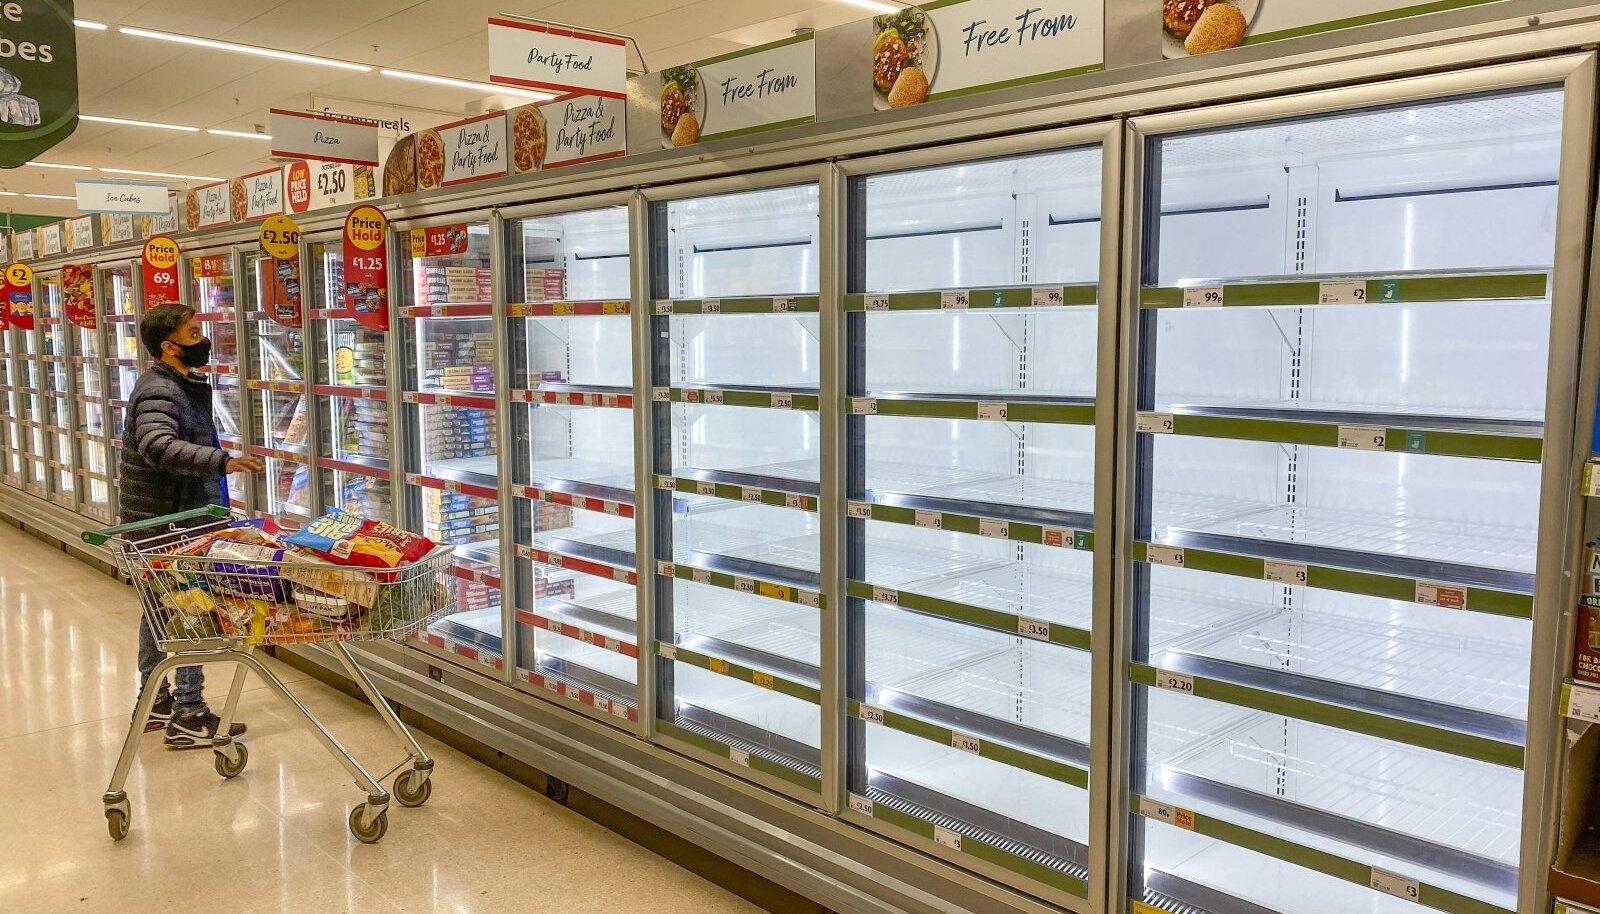 Tühjade letid Edinburghi poes. Tarneraskused kimbutavad limonaadi, piima- ja lihatoodete, aga ka näiteks külmutatud näkside turgu.